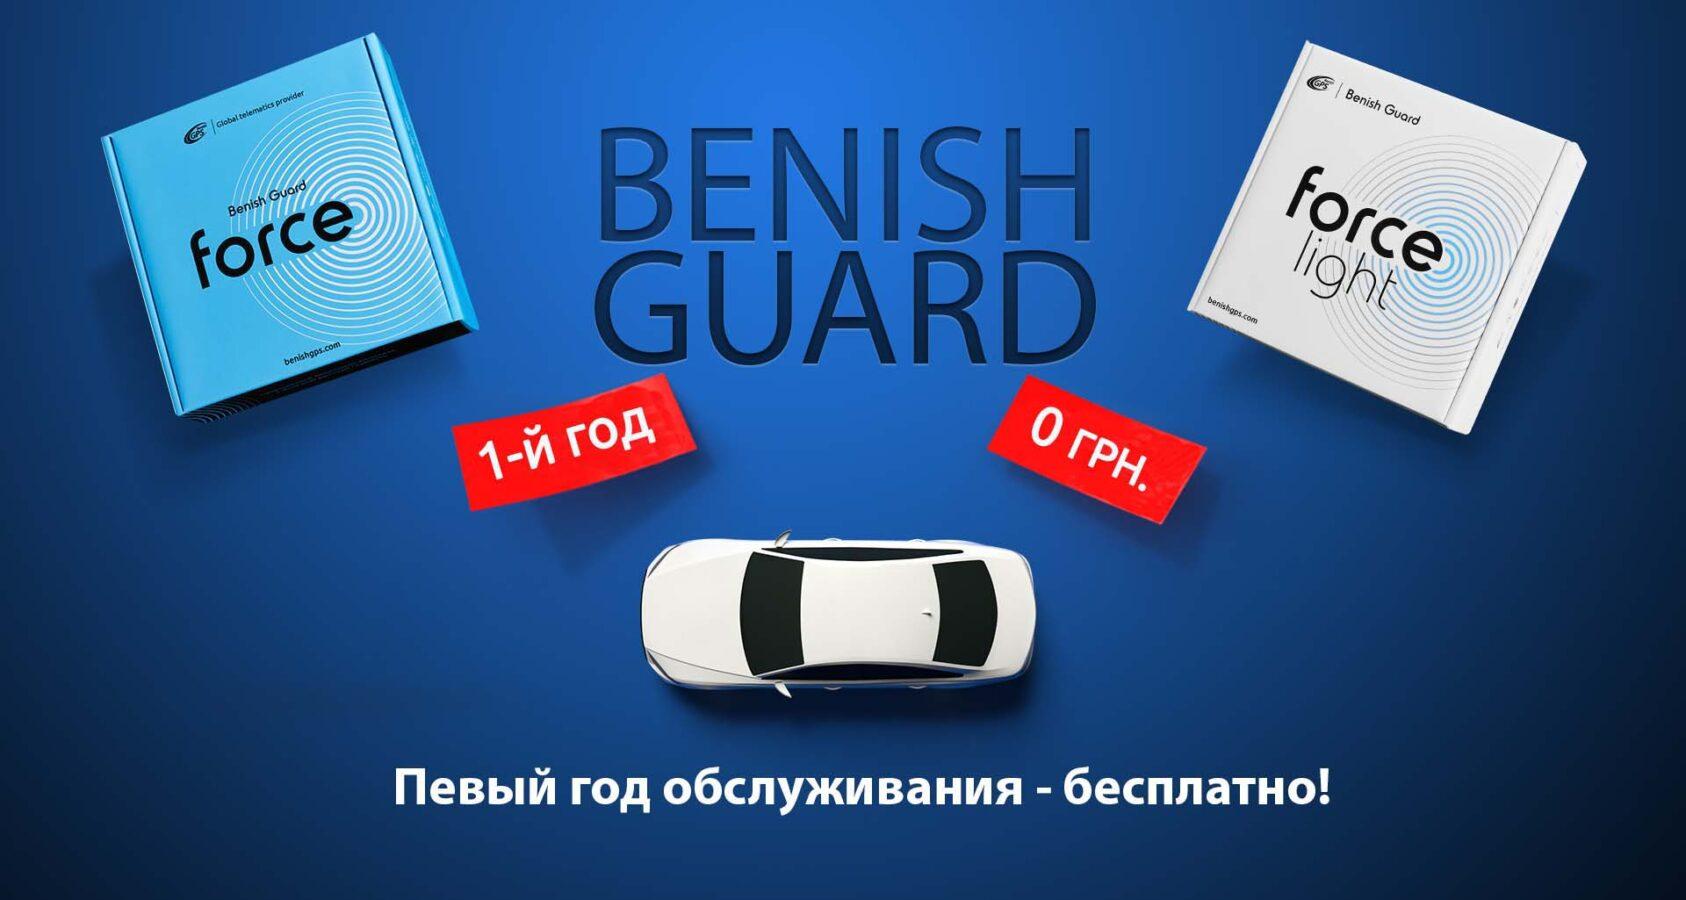 Benish - Первый год обслуживания — бесплатно!